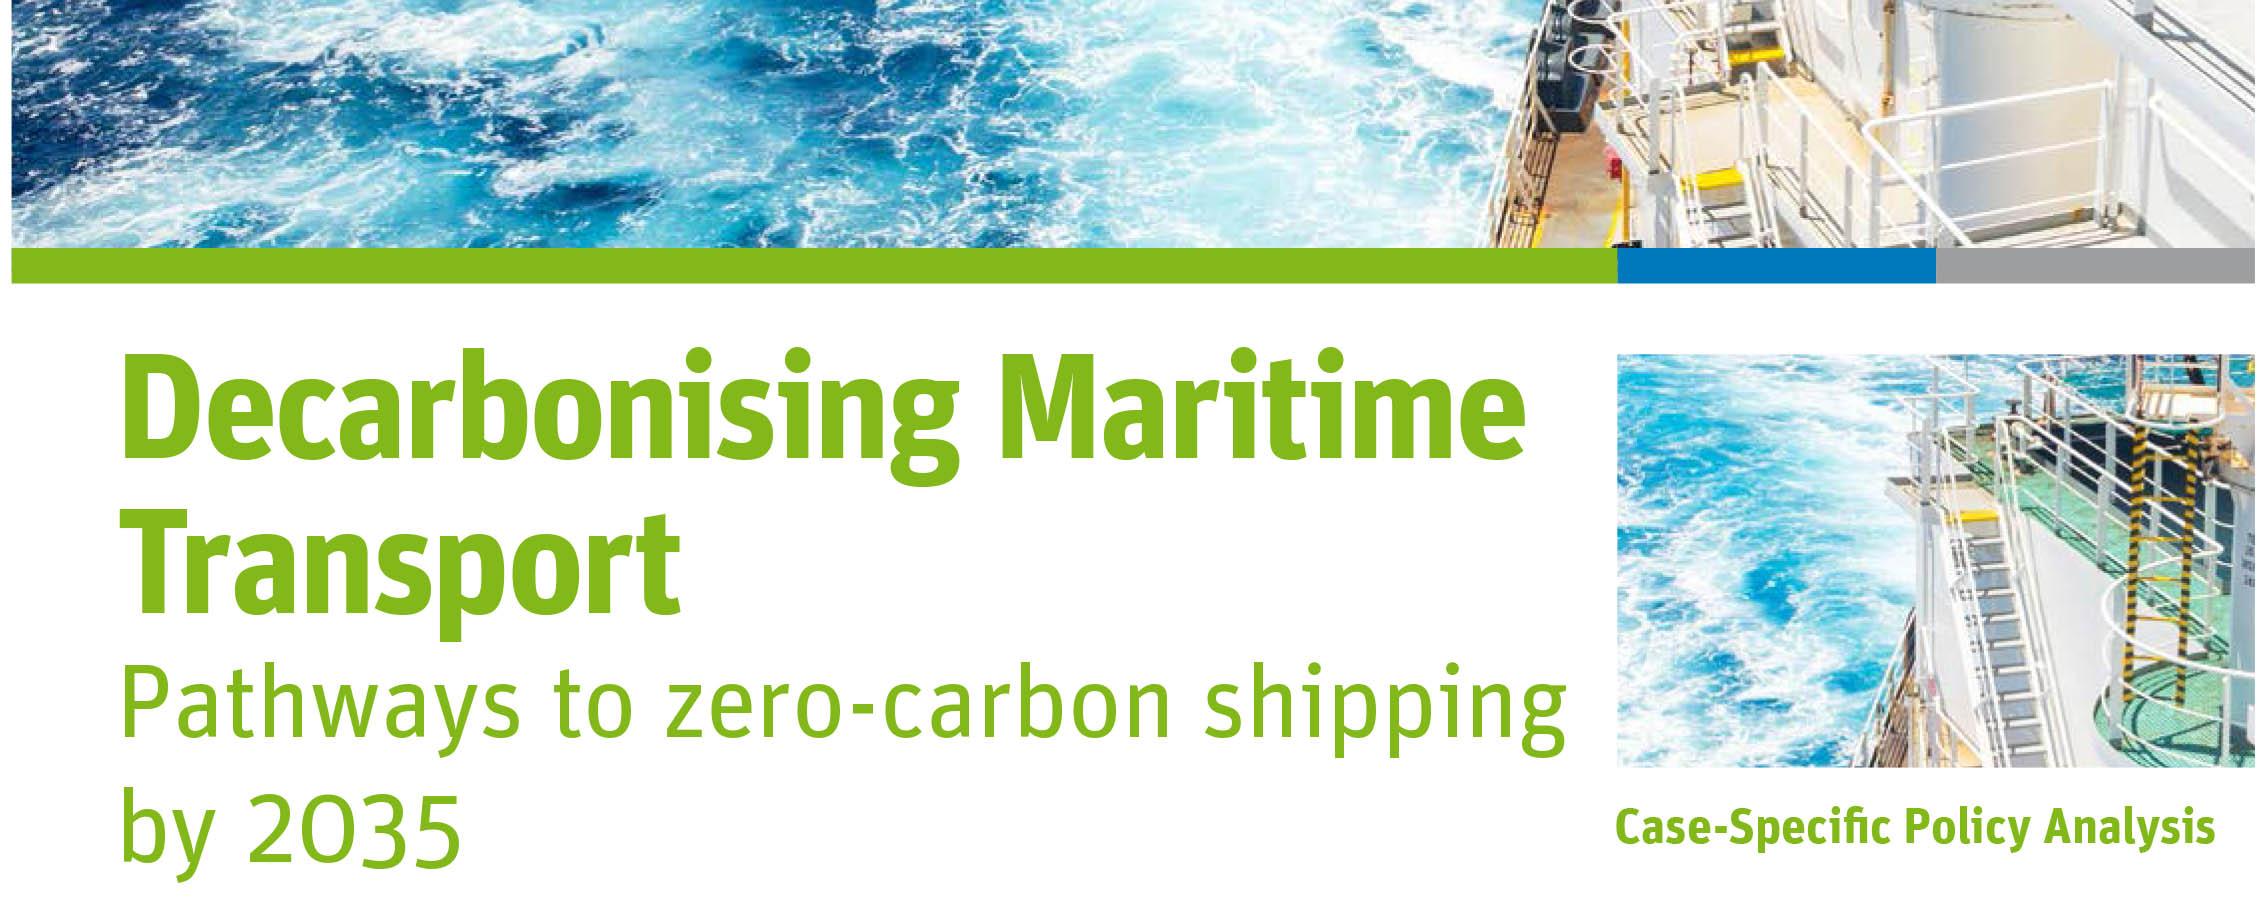 decarbonising_maritime_transport_1